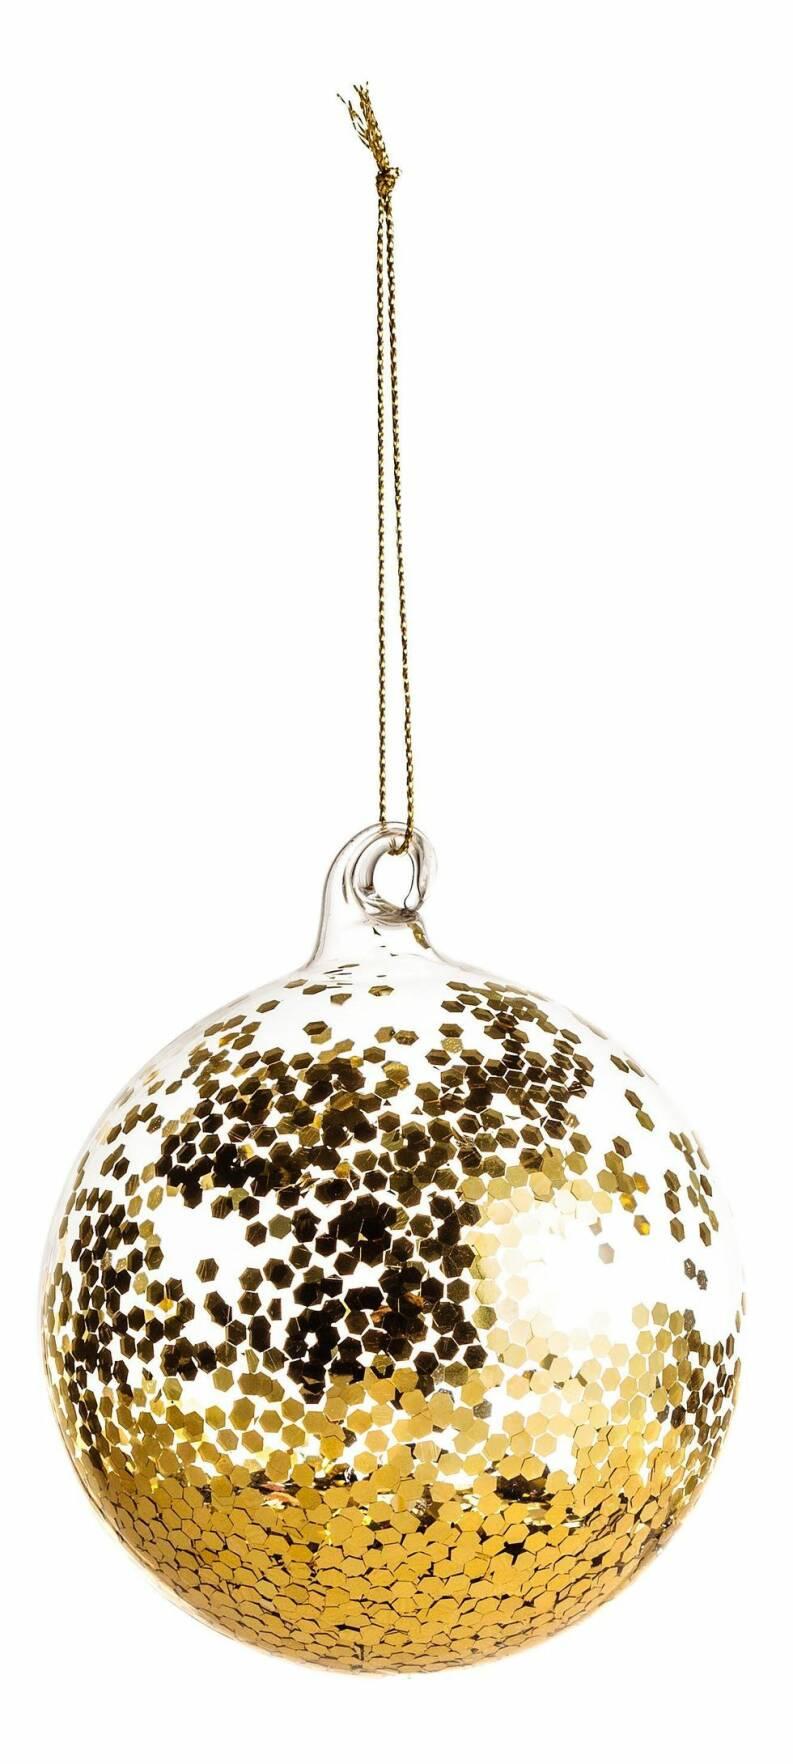 7 vackra smycken att hänga i granen i jul